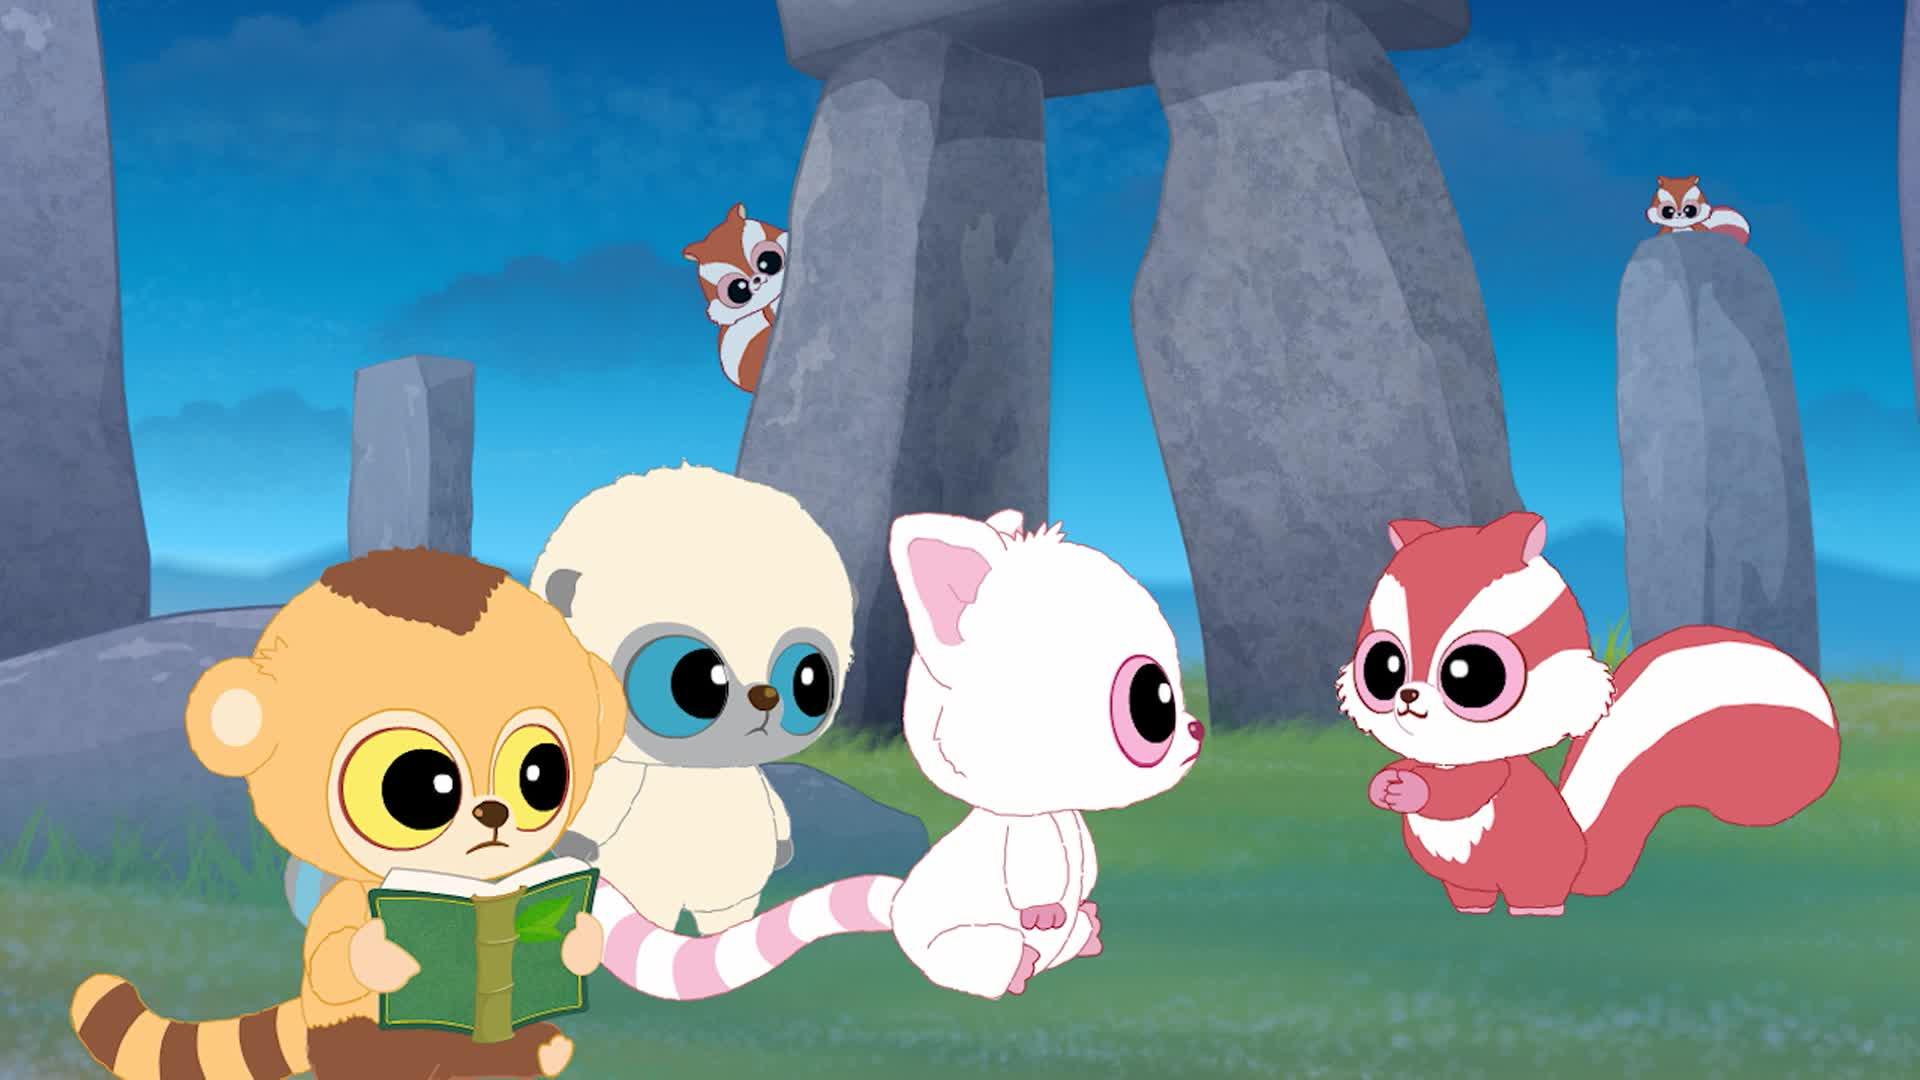 Юху и его друзья Юху и его друзья. Сезон 1 23 - Поиски радужной гальки